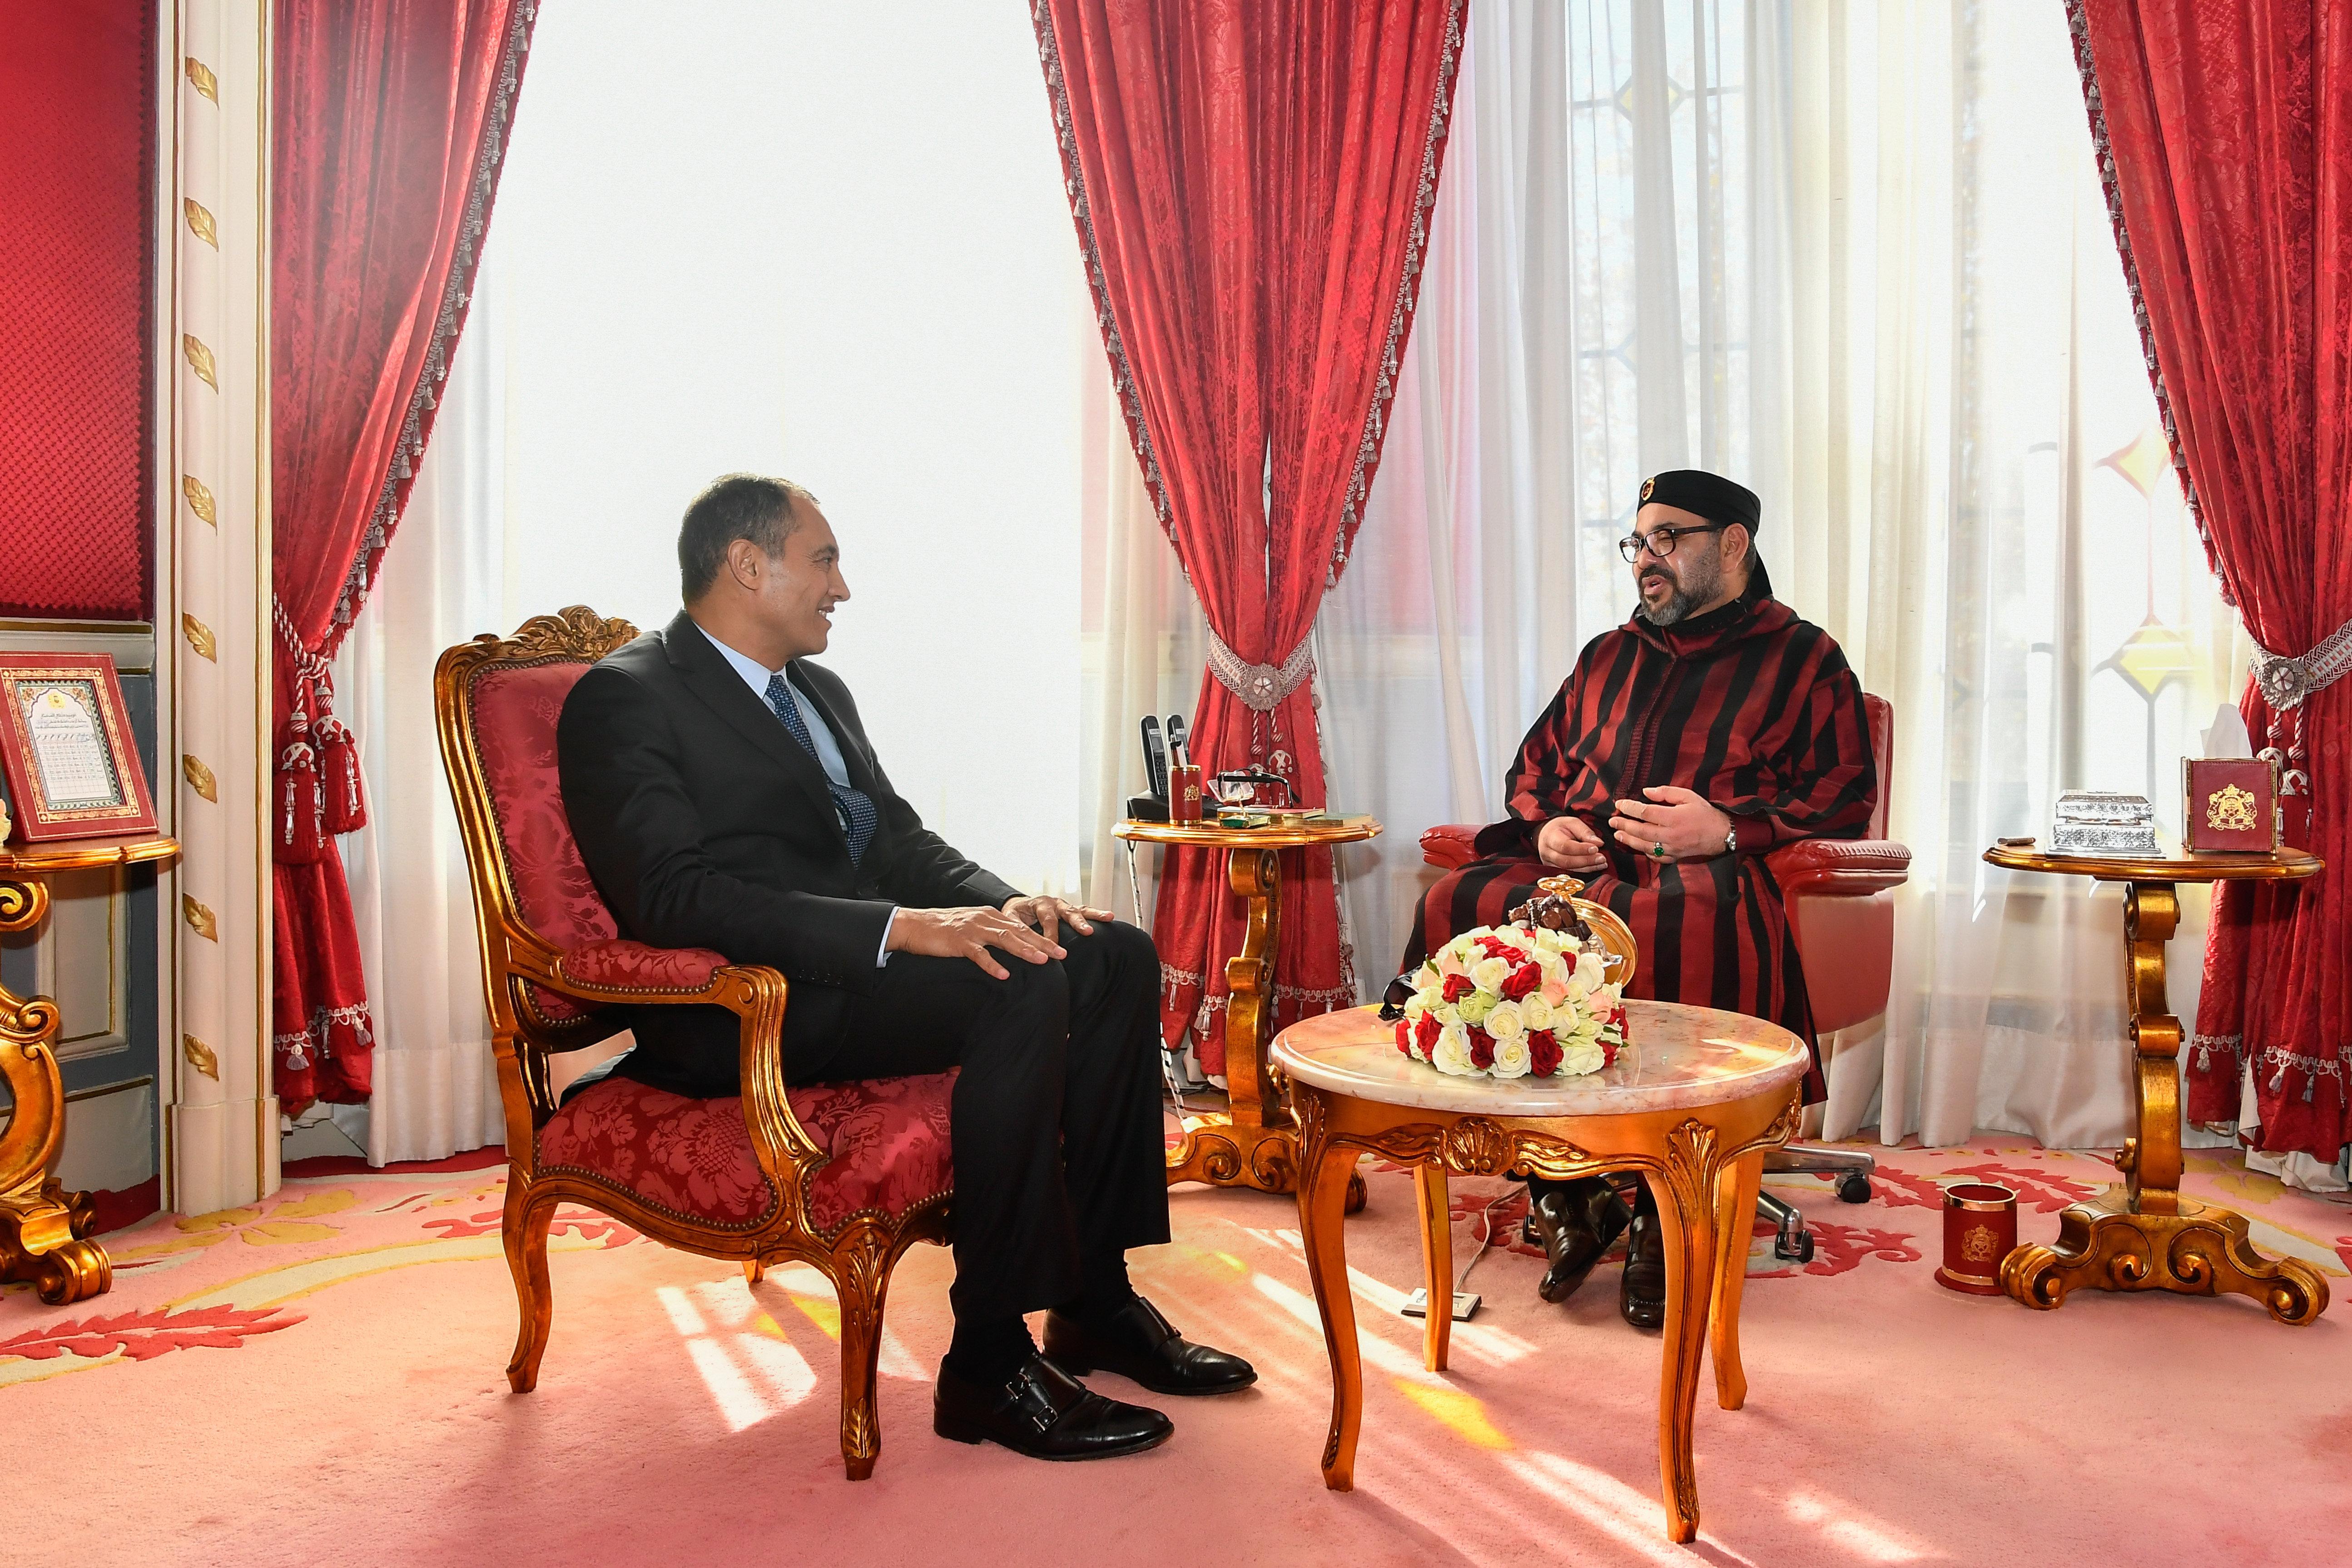 Qui est Ahmed Reda Chami, nommé par le roi Mohammed VI pour présider le